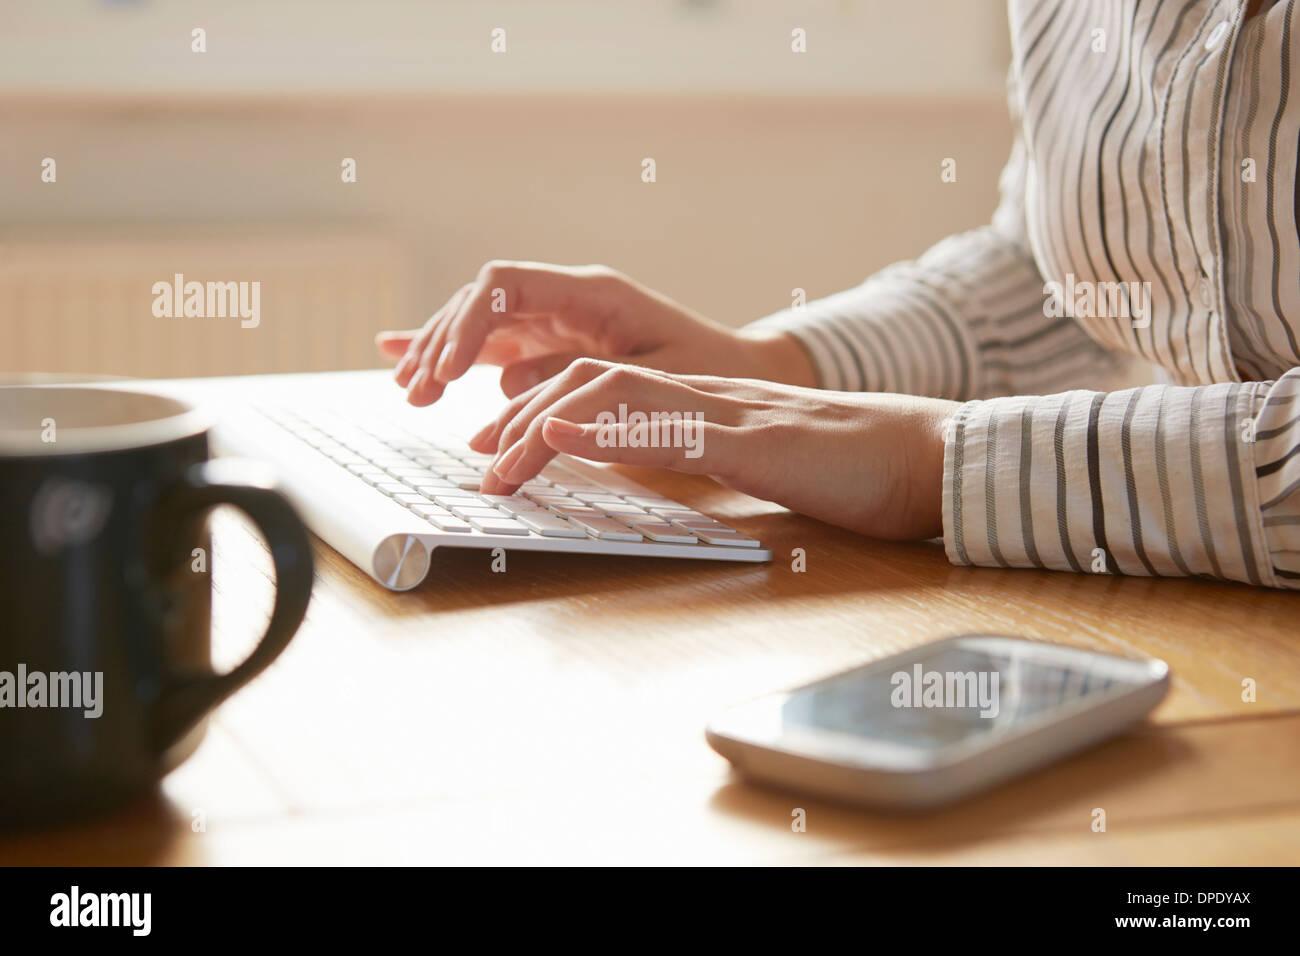 Bild der Frau auf drahtlose Tastatur tippen beschnitten Stockbild